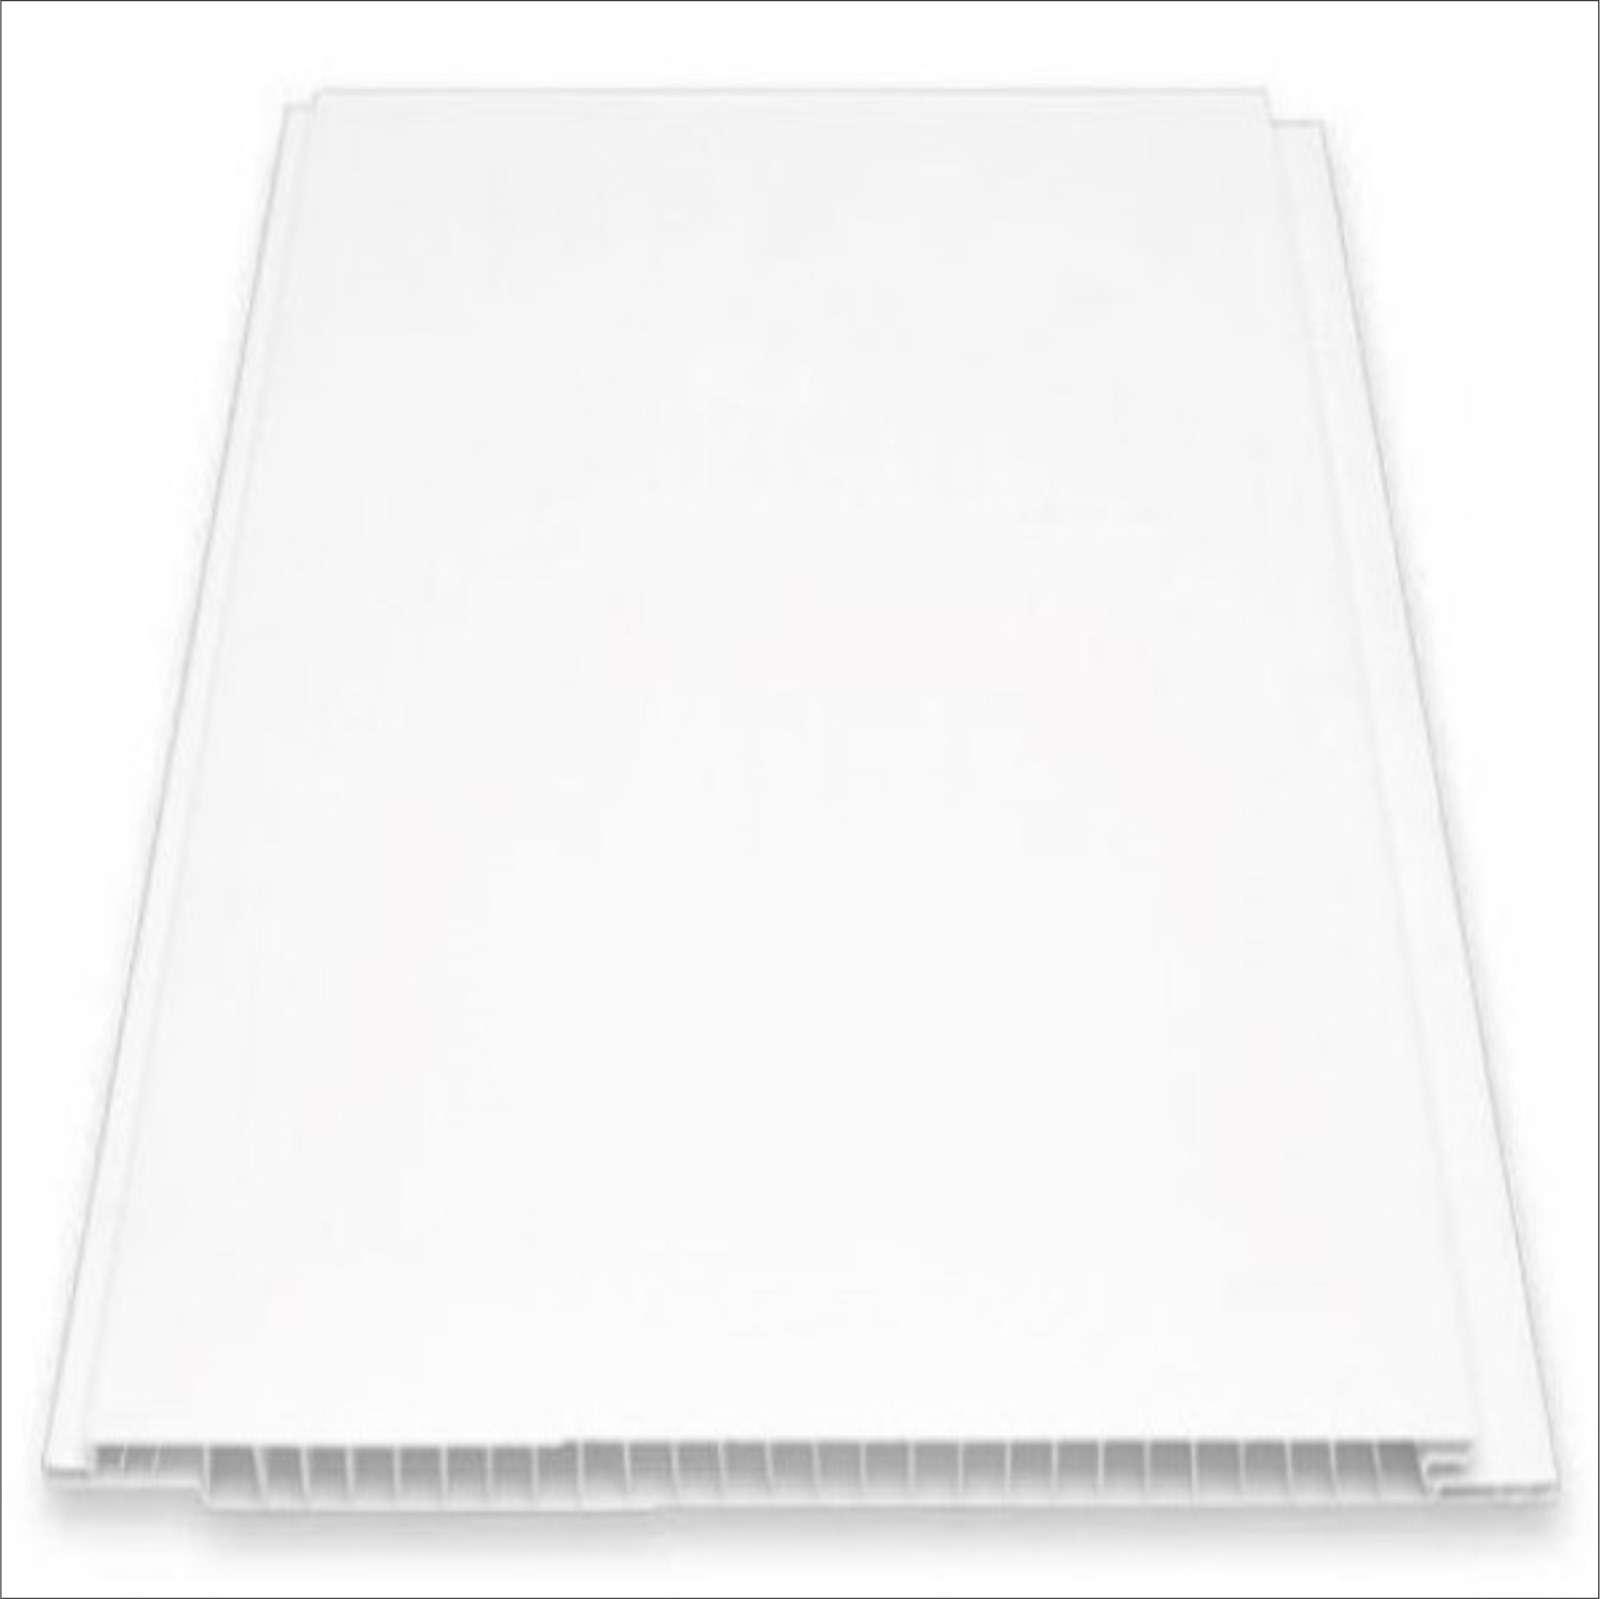 Beyaz Plastik Pvc Duvar Tavan Lambiri / Metrekare Fiyatıdır